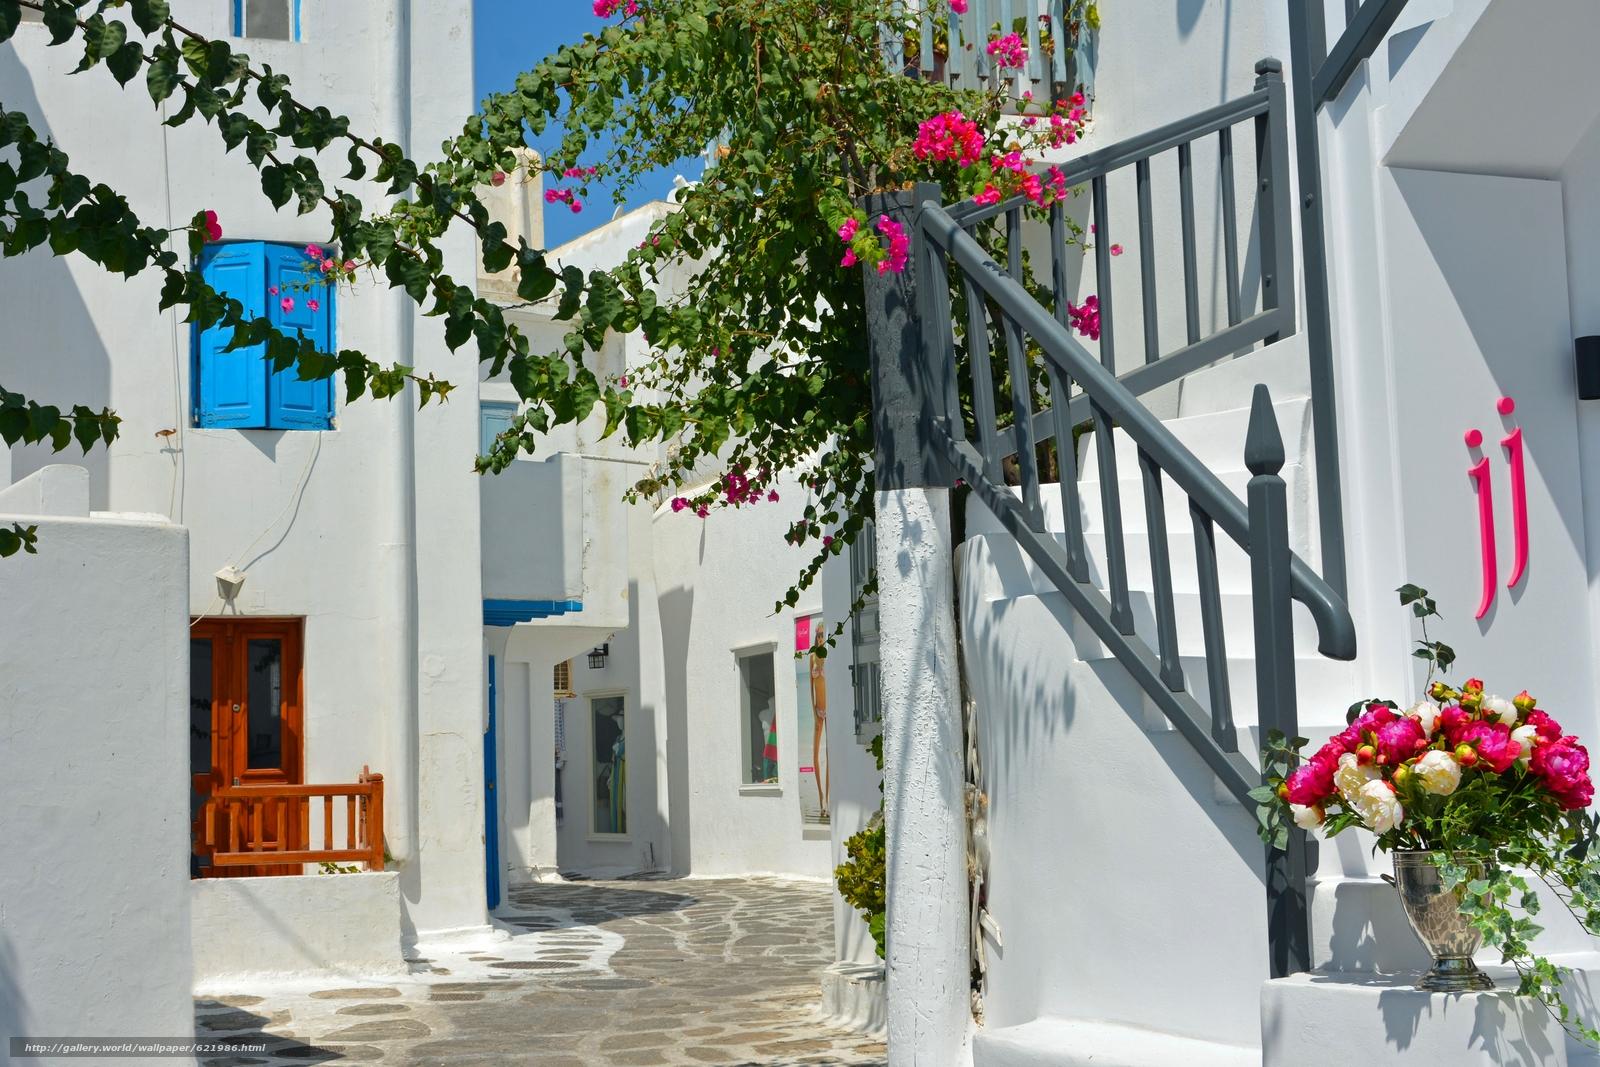 Mykonos, Greece, Миконос, Греция, улочка, лестница, цветы